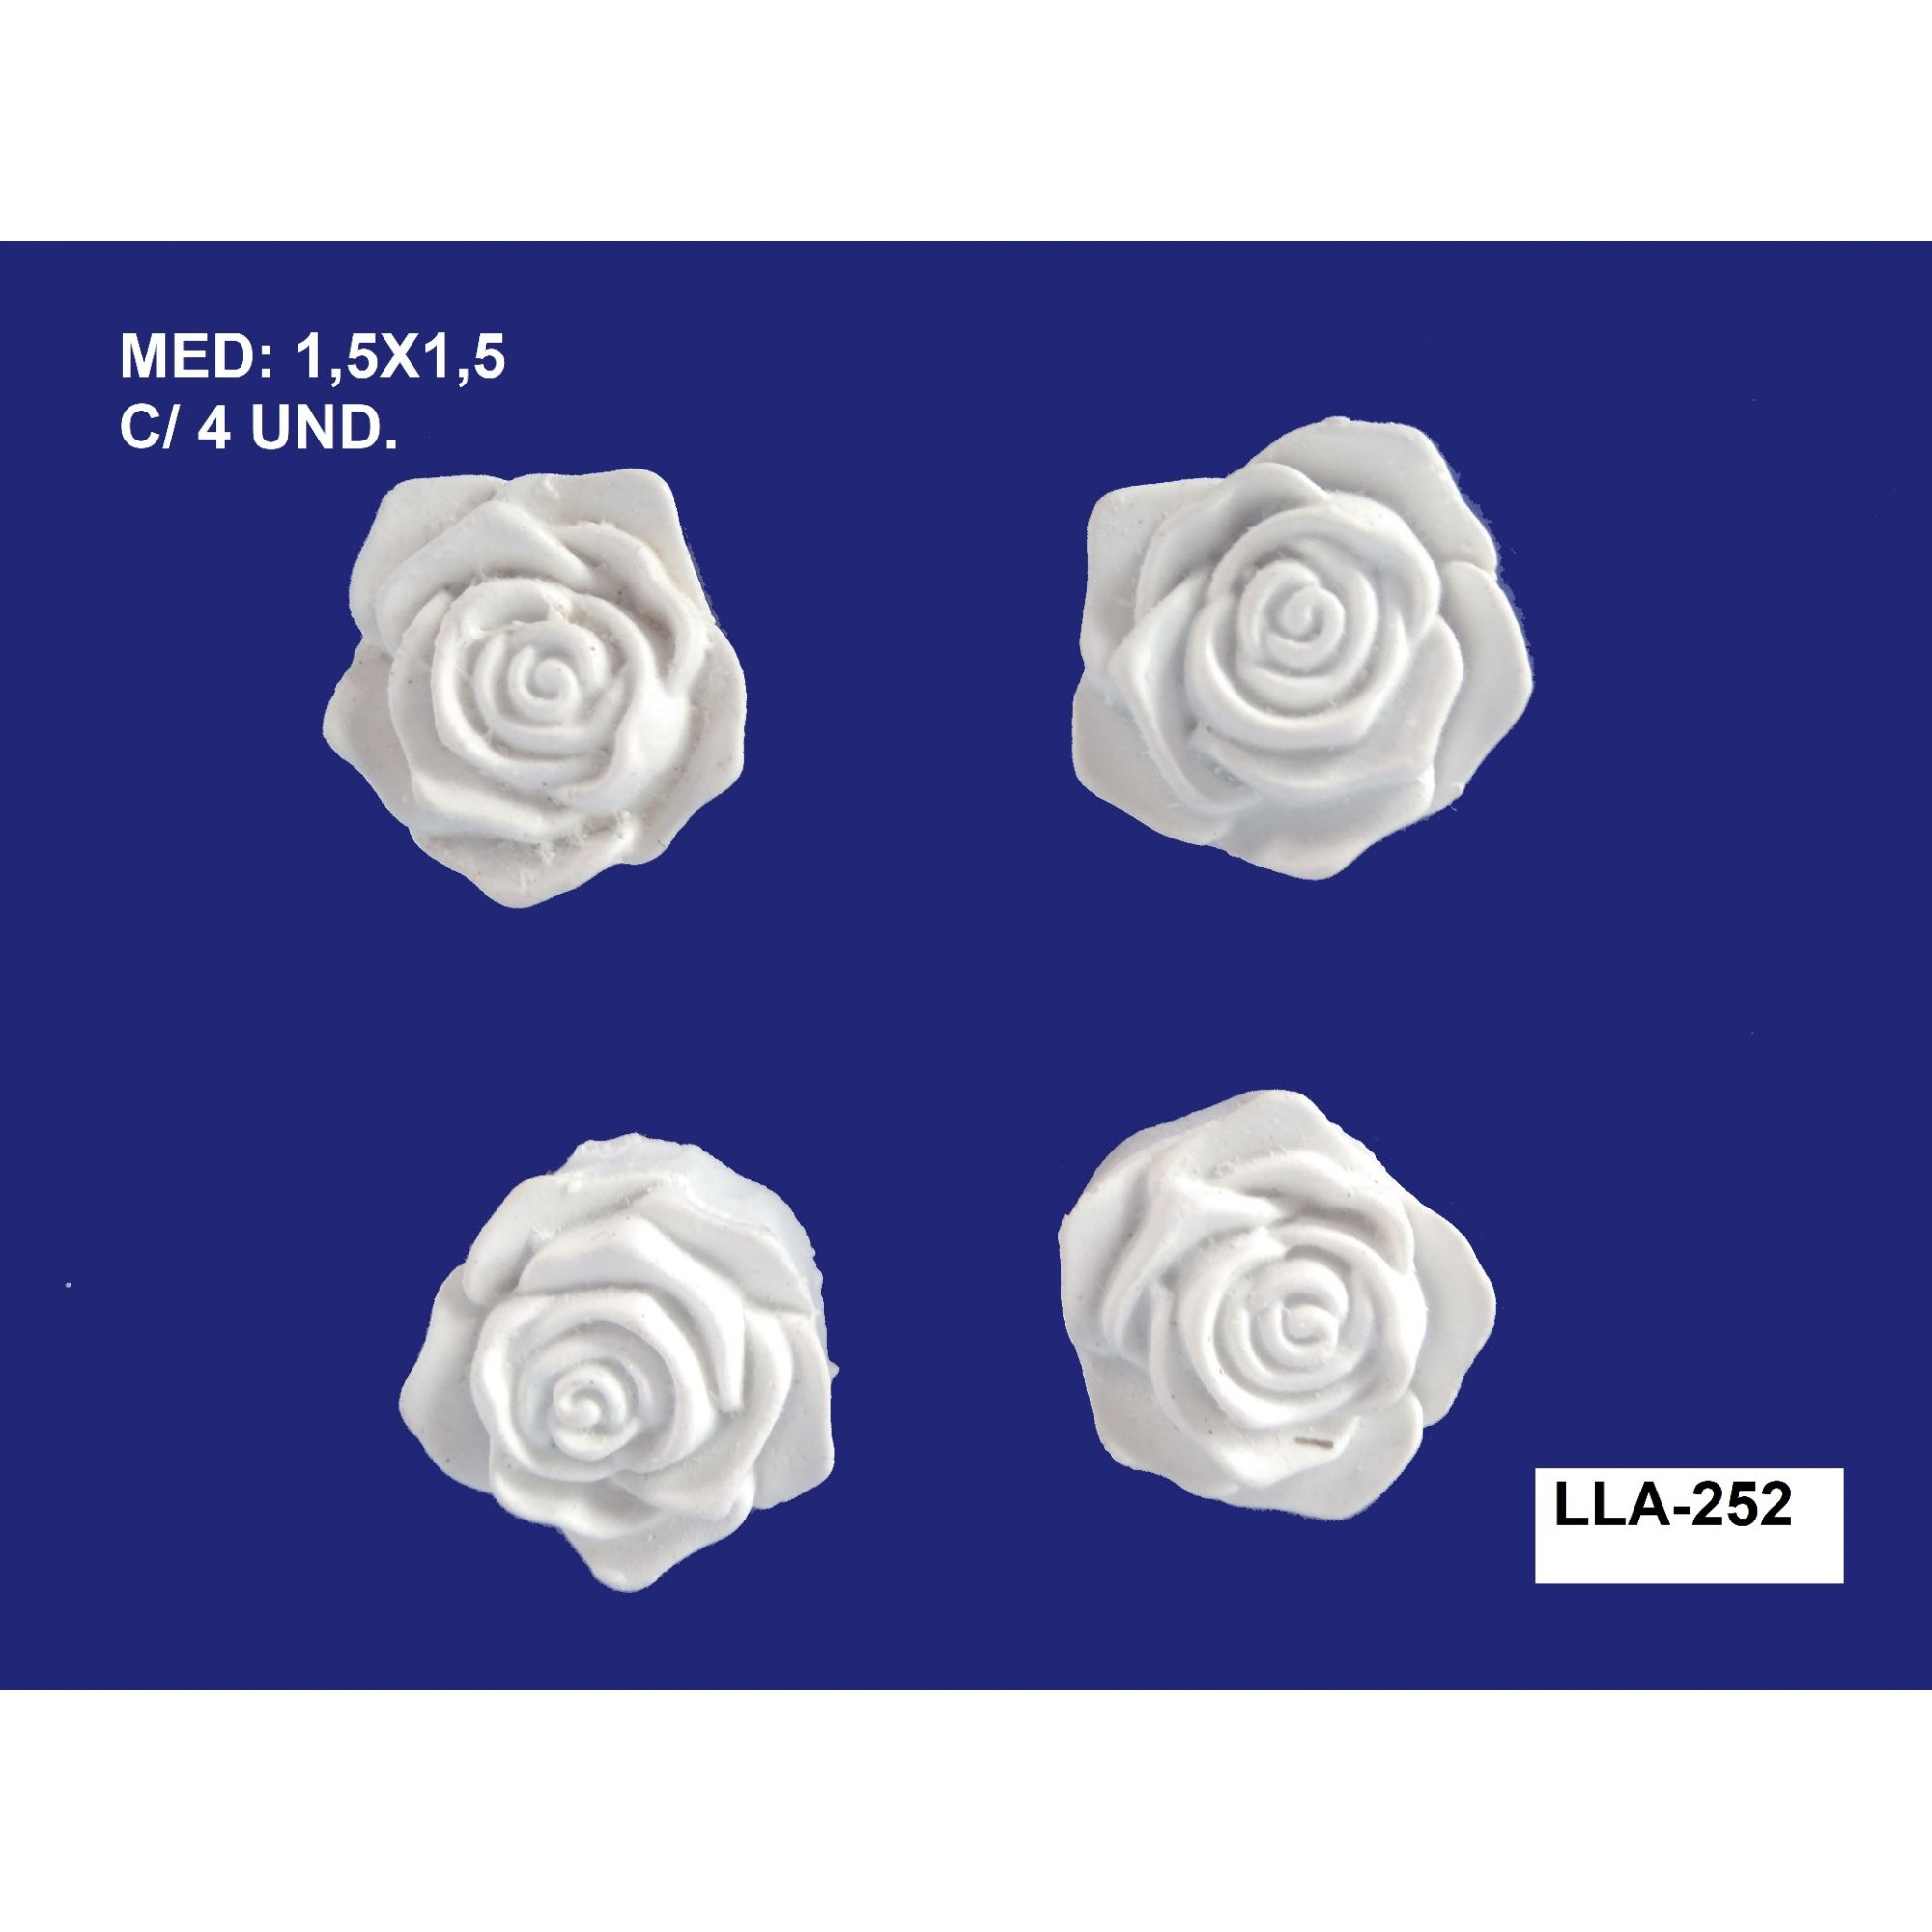 LLA-252 APLIQUE ROSAS MINI 1,5X1,5CM C/ 4 UND.